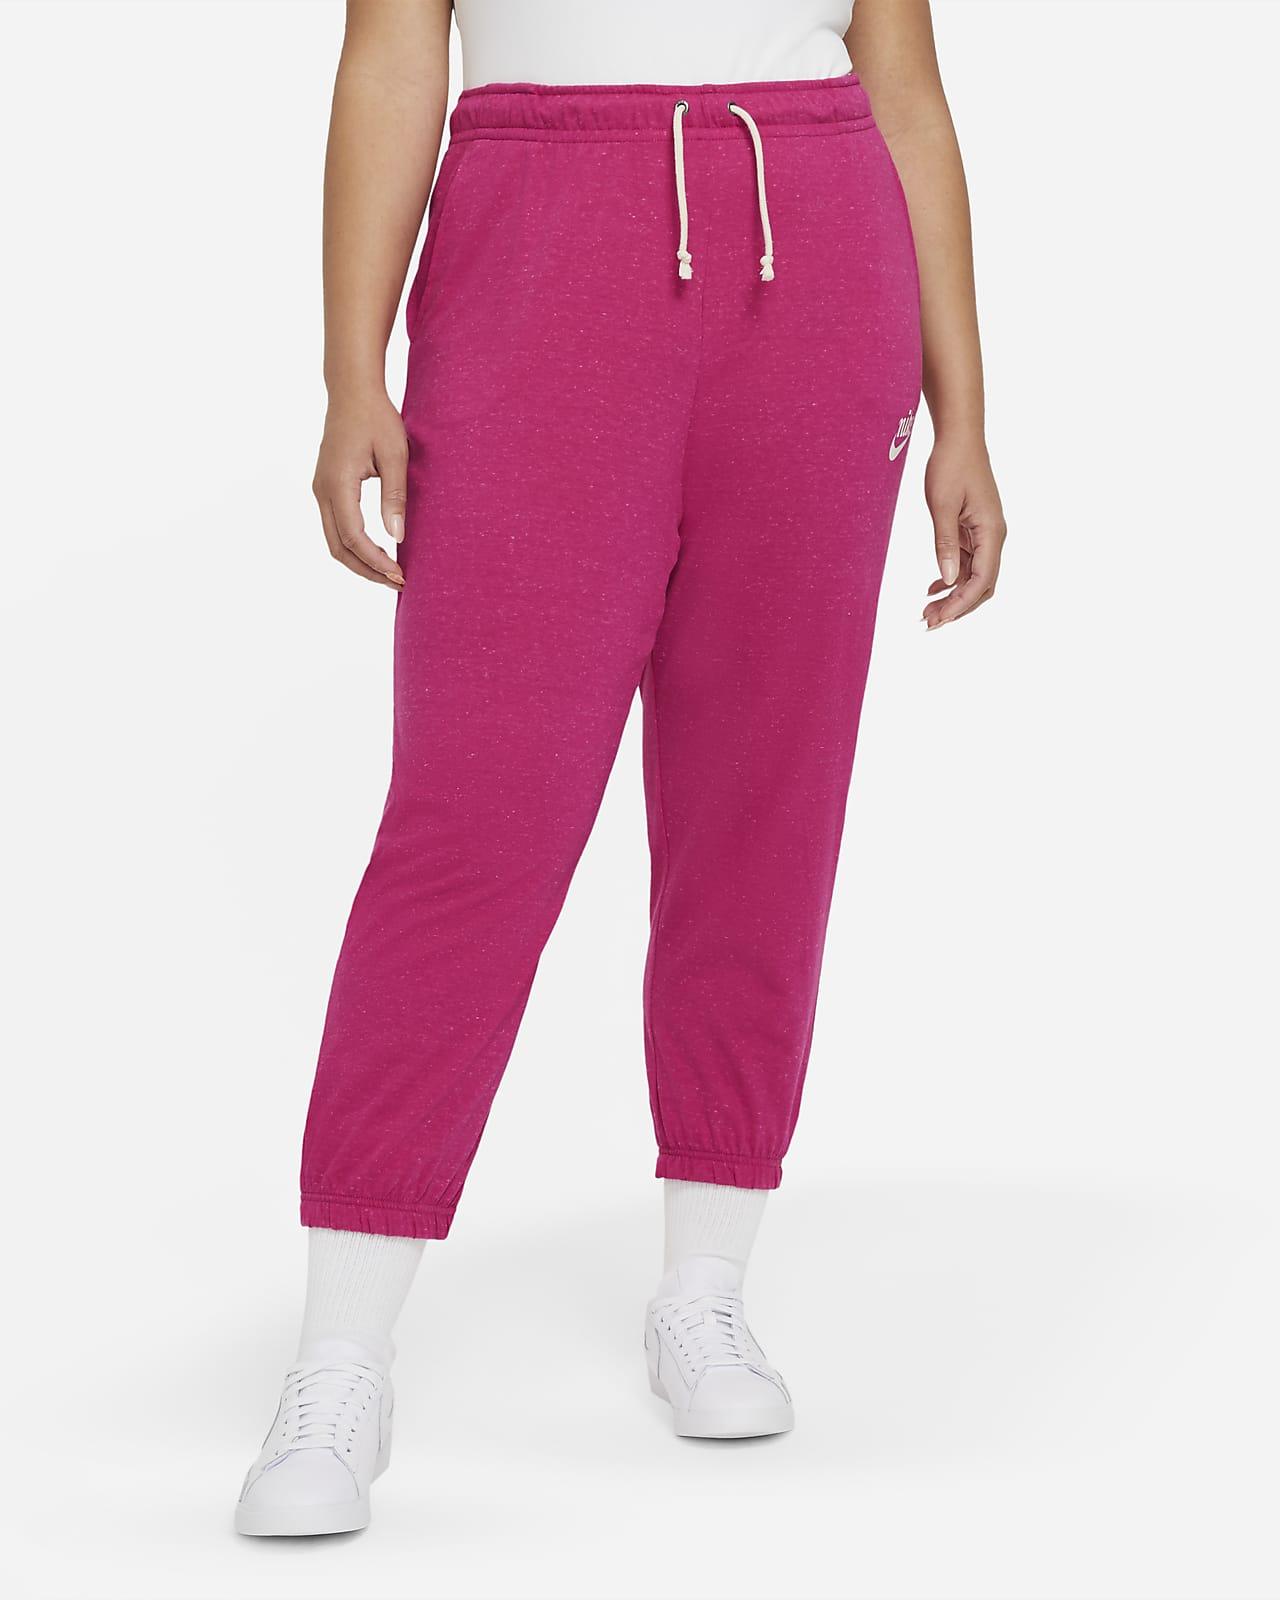 Nike Sportswear Women's Capris (Plus Size)